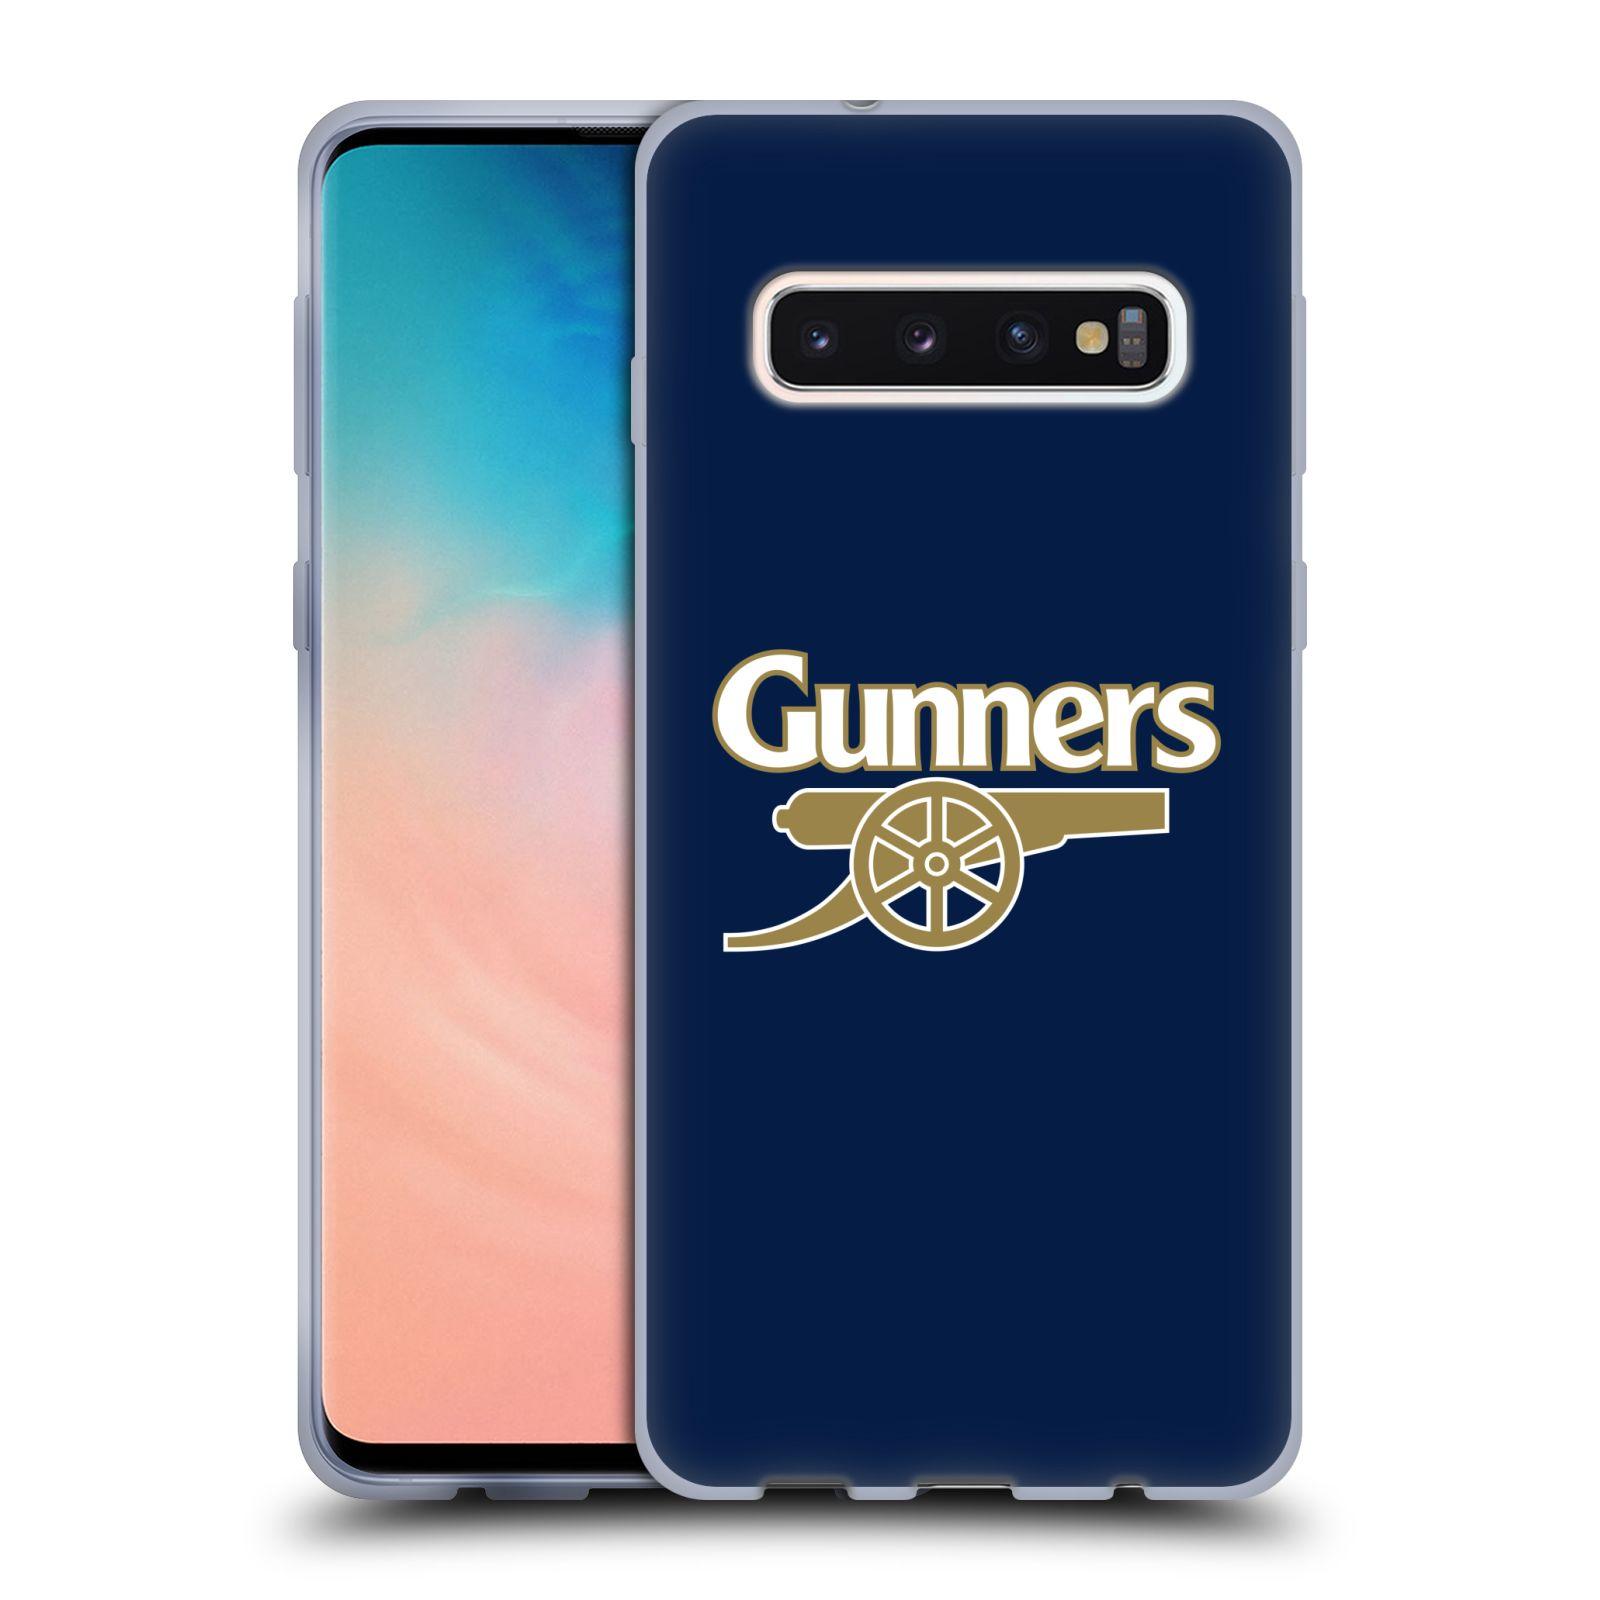 Silikonové pouzdro na mobil Samsung Galaxy S10 - Head Case - Arsenal FC - Gunners